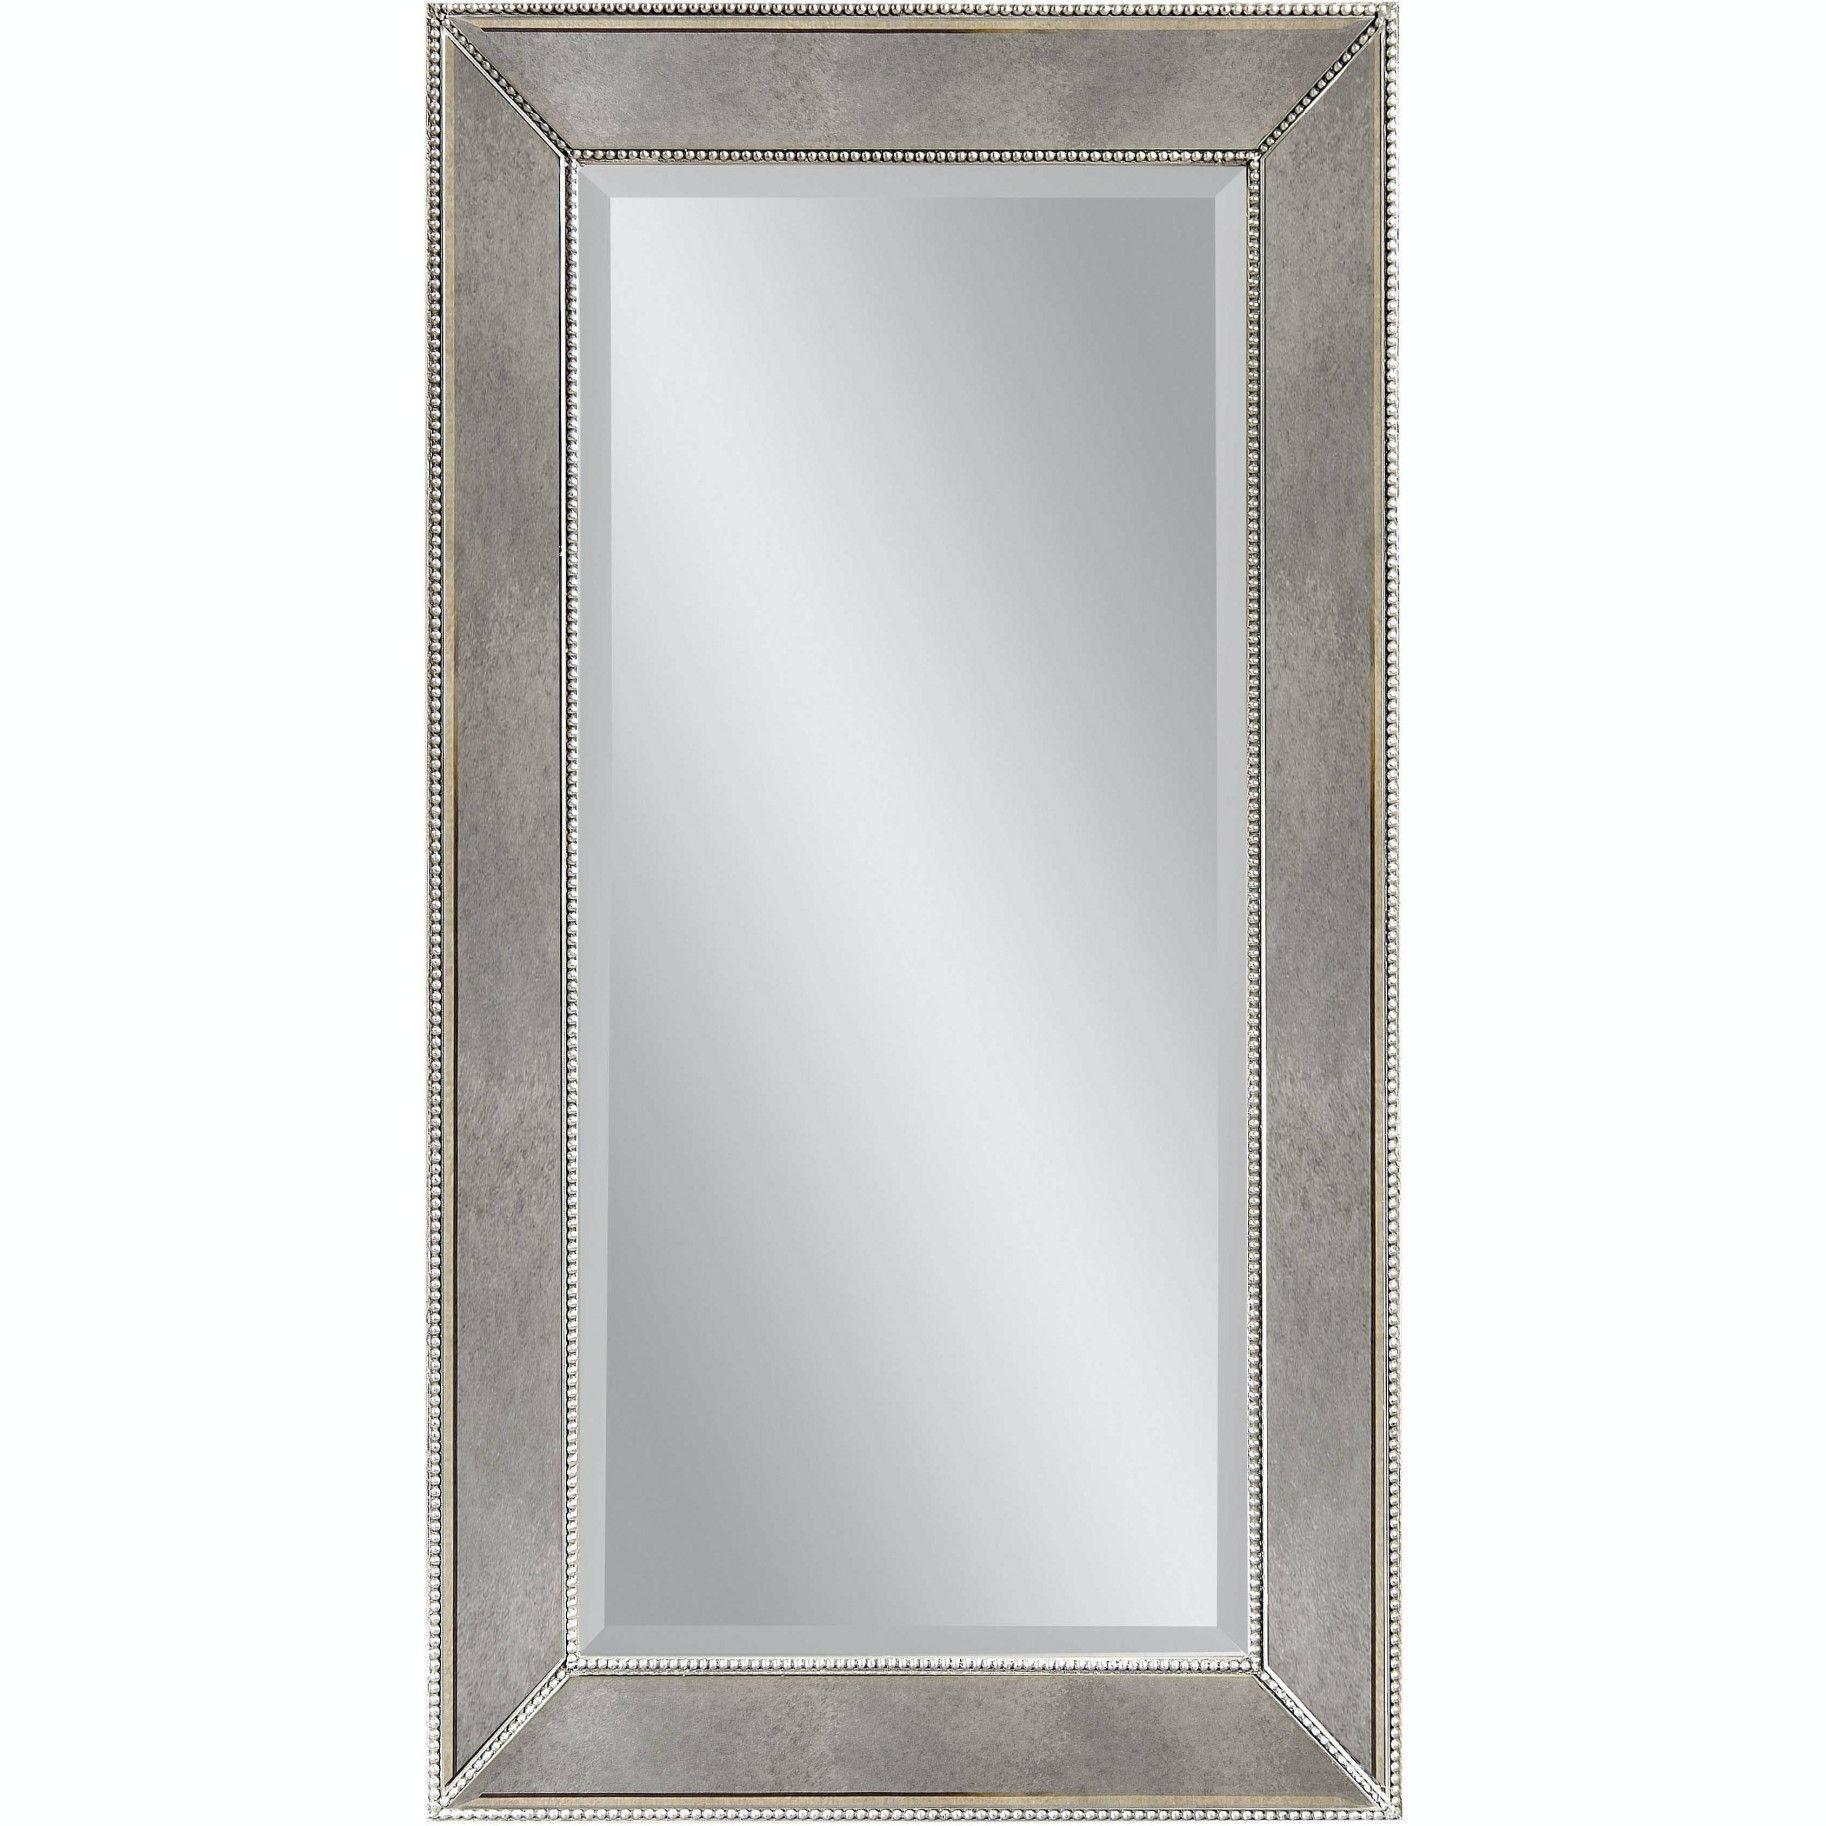 Bassett Mirror Company Beaded Wall Mirror M3340B